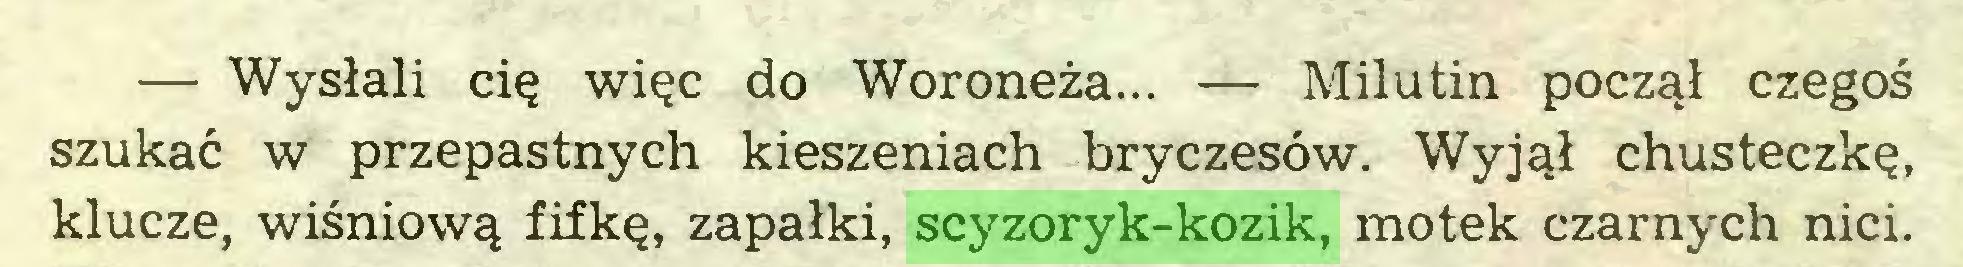 (...) — Wysłali cię więc do Woroneża... — Milutin począł czegoś szukać w przepastnych kieszeniach bryczesów. Wyjął chusteczkę, klucze, wiśniową fifkę, zapałki, scyzoryk-kozik, motek czarnych nici...